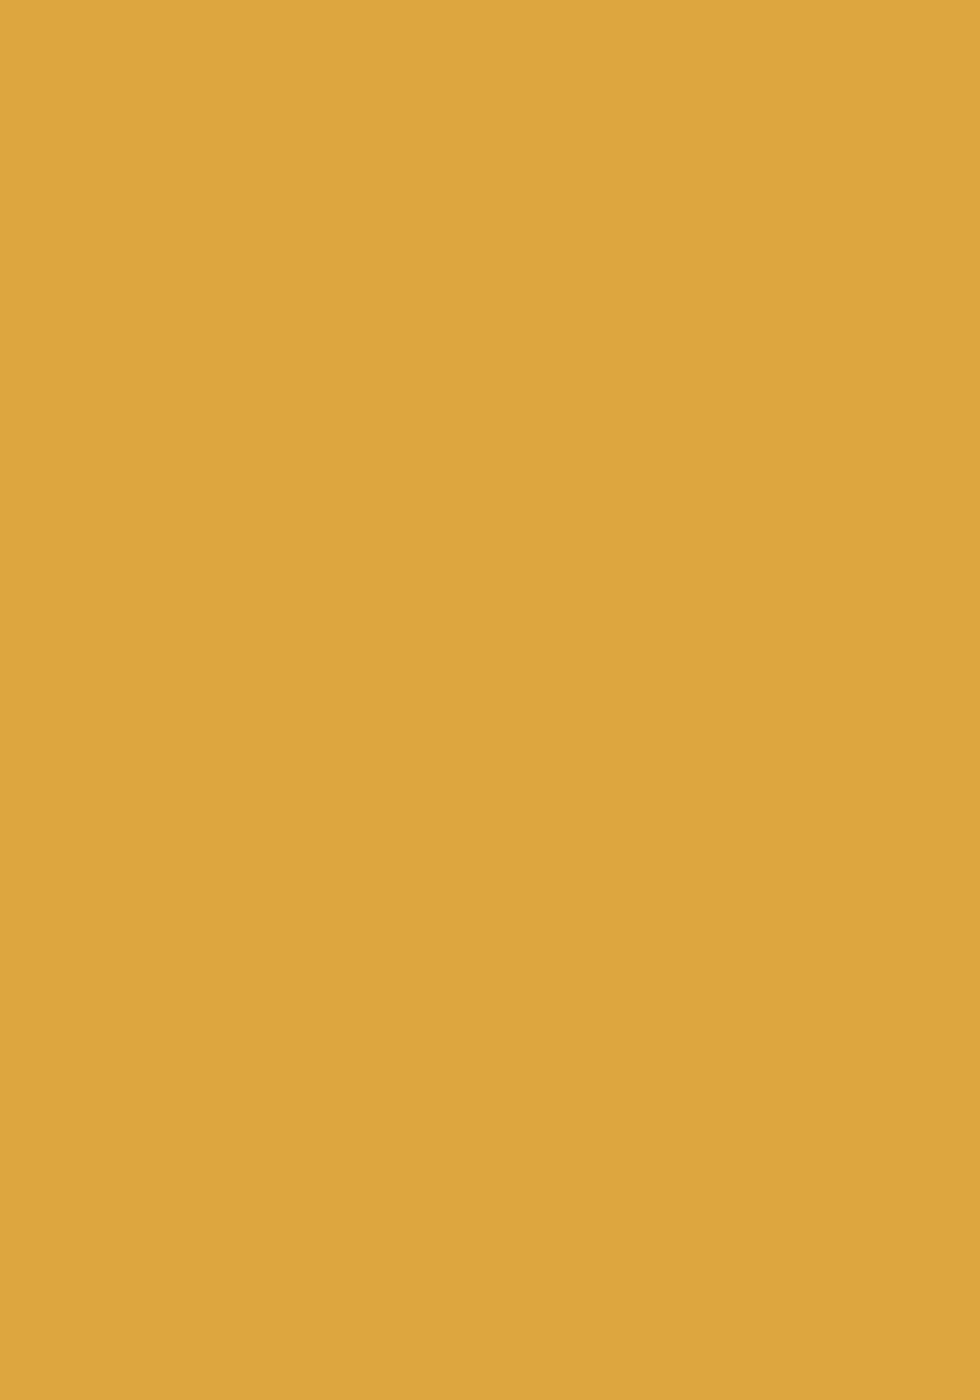 RV golden ochre